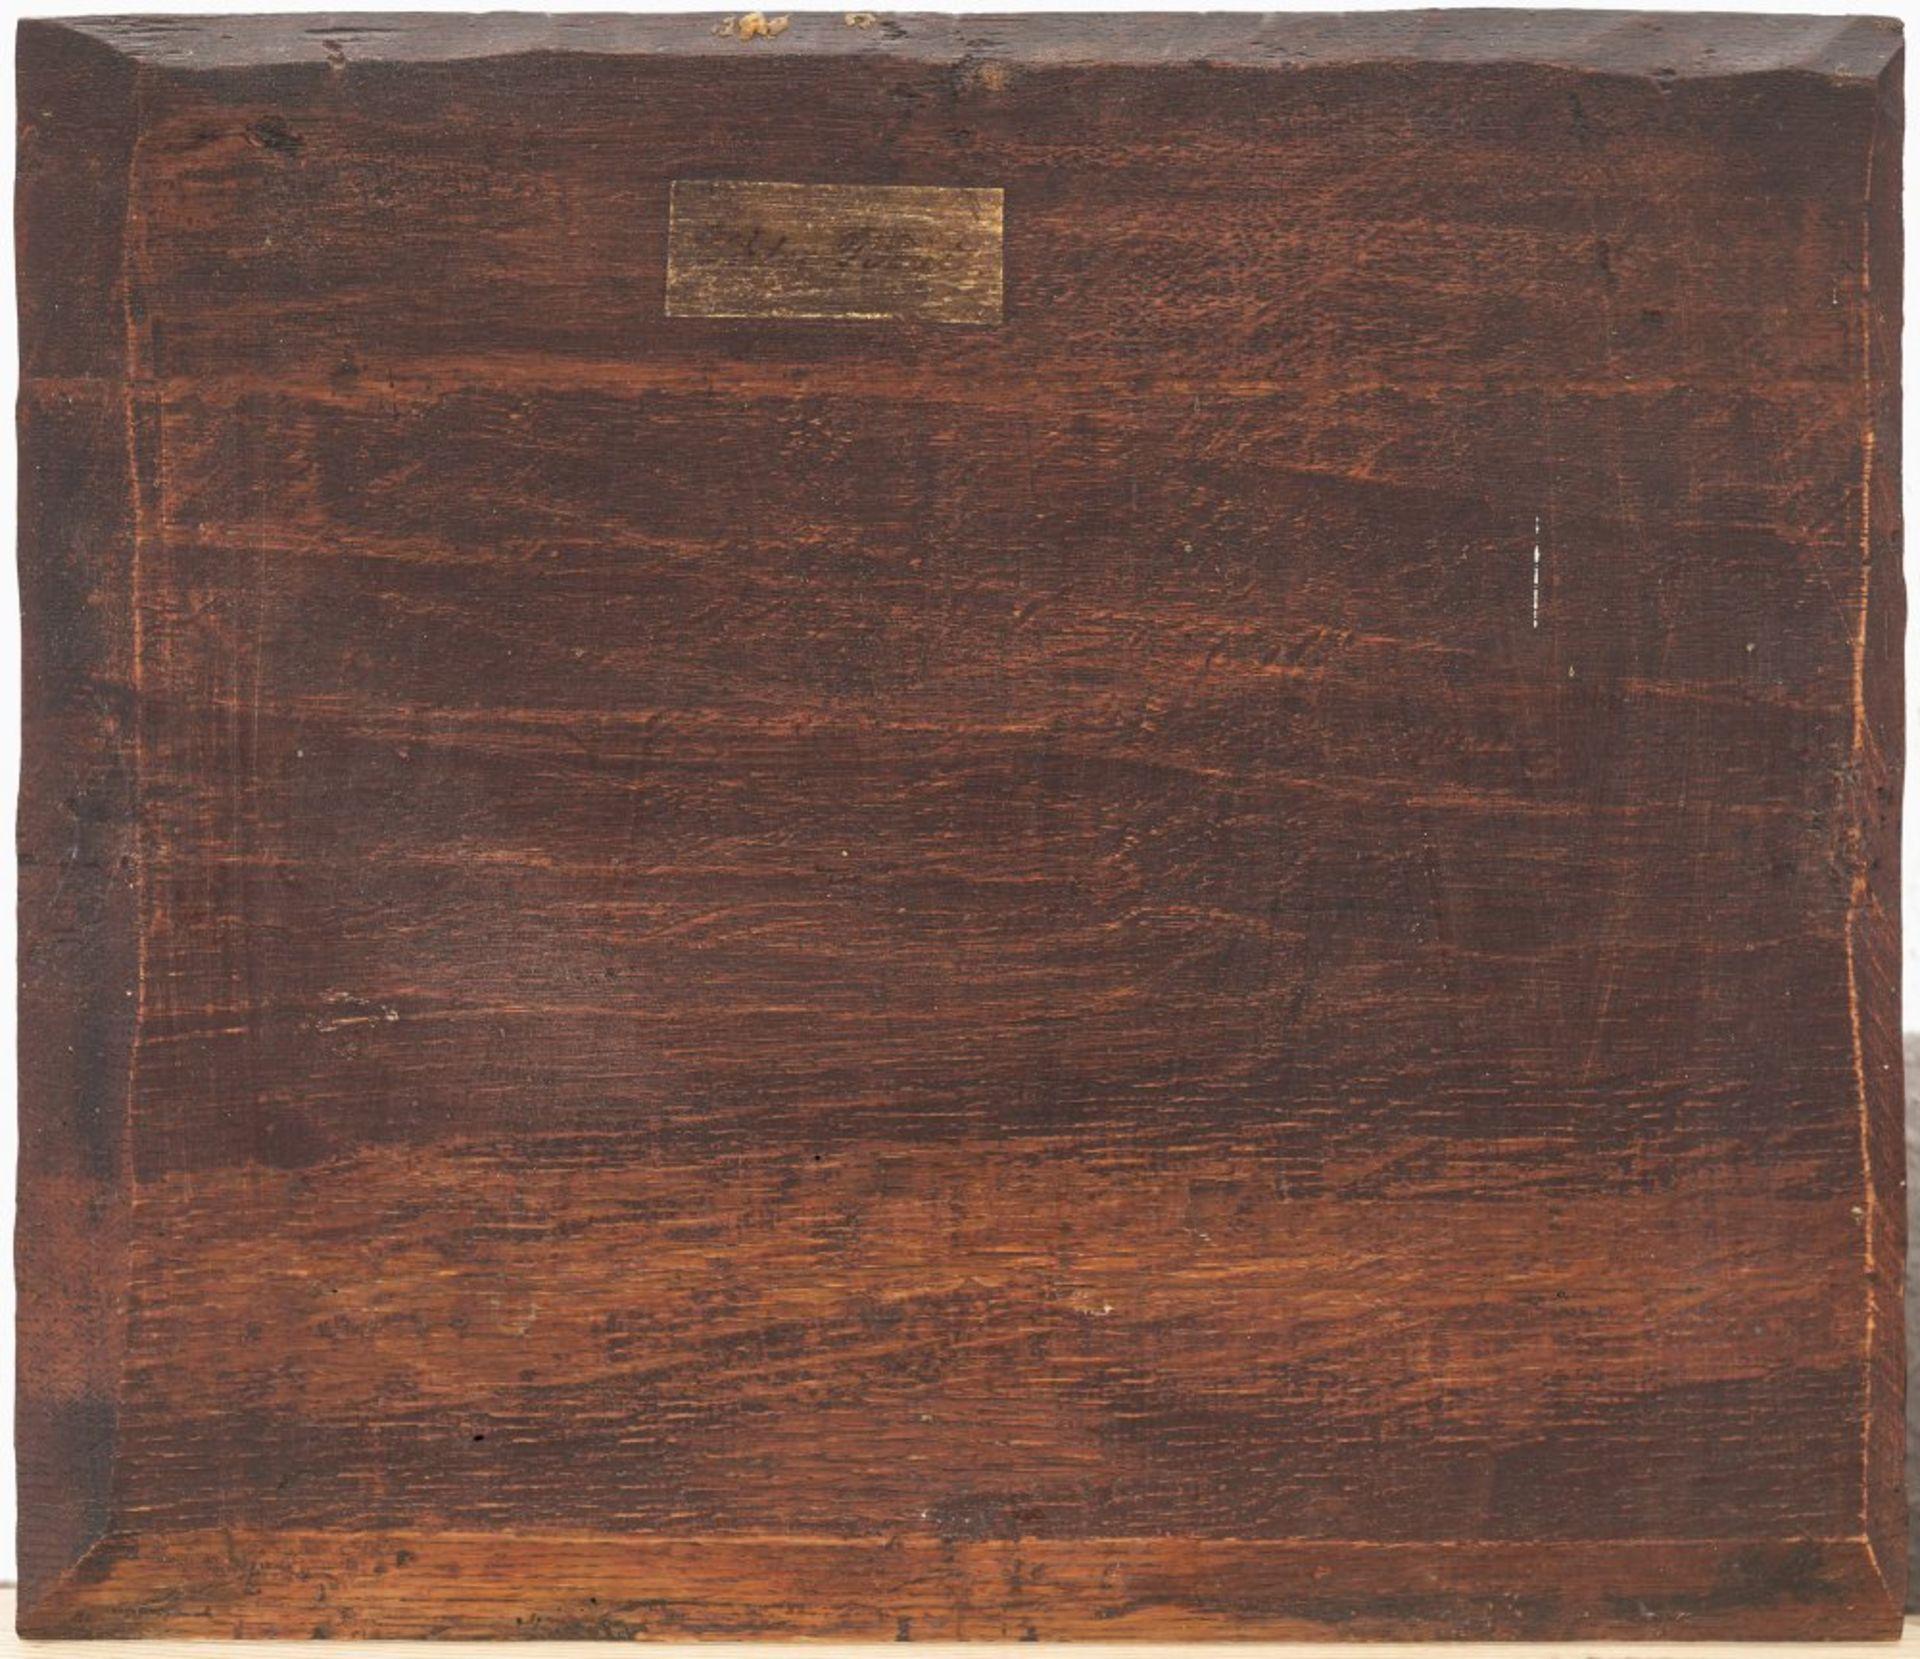 Flämisch, 17. Jh.Die Almosenspende vor dem Kloster. Öl/Holz. 33 x 38,5 cm. Riss, Rest. Unsign. - Bild 2 aus 2